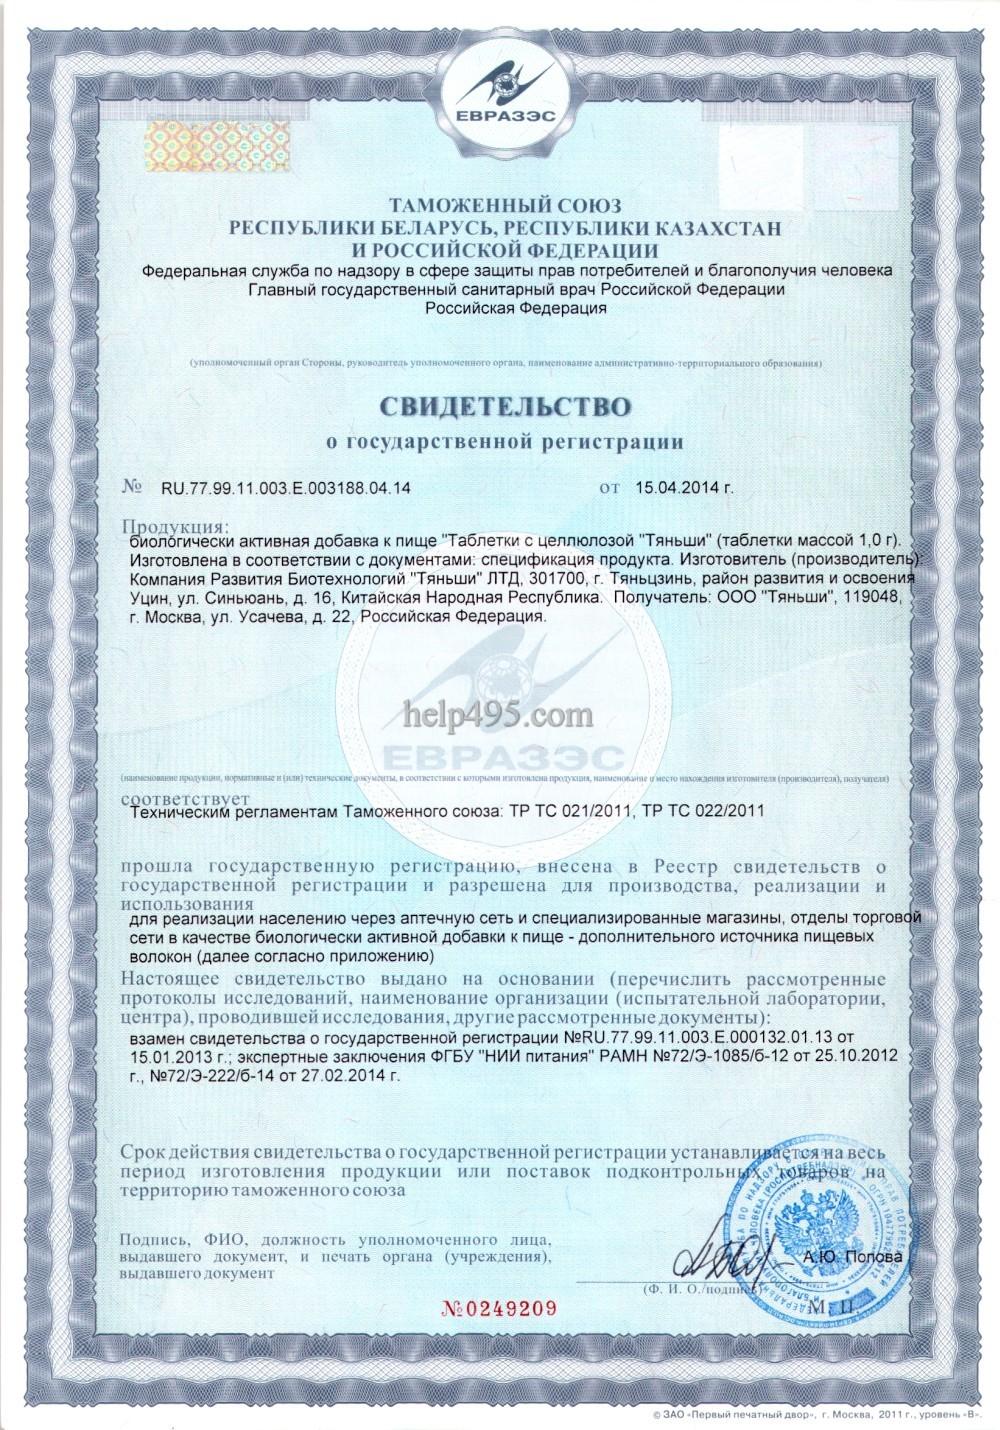 1-ая стр. сертификата препарата Тяньши: Таблетки с целлюлозой